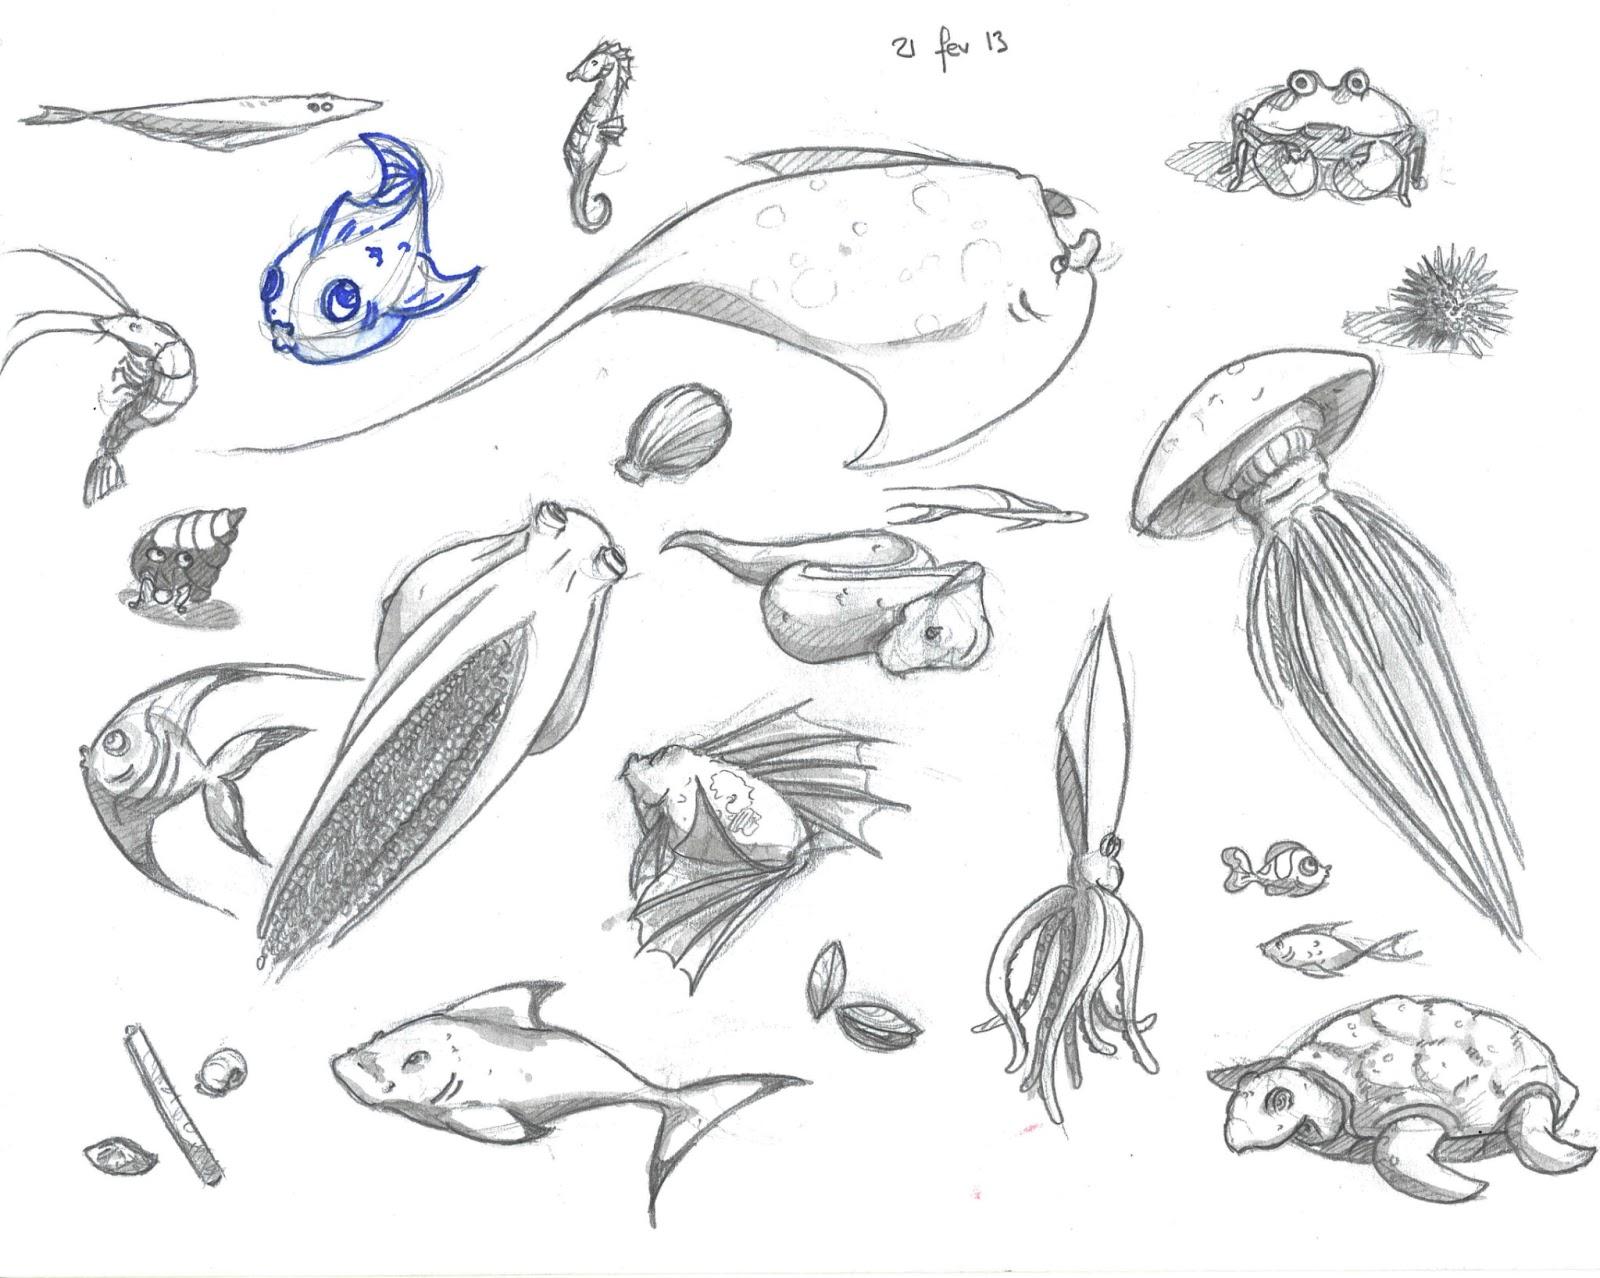 Les gribouilles de lul f vrier 2013 - Dessin d animaux marins ...